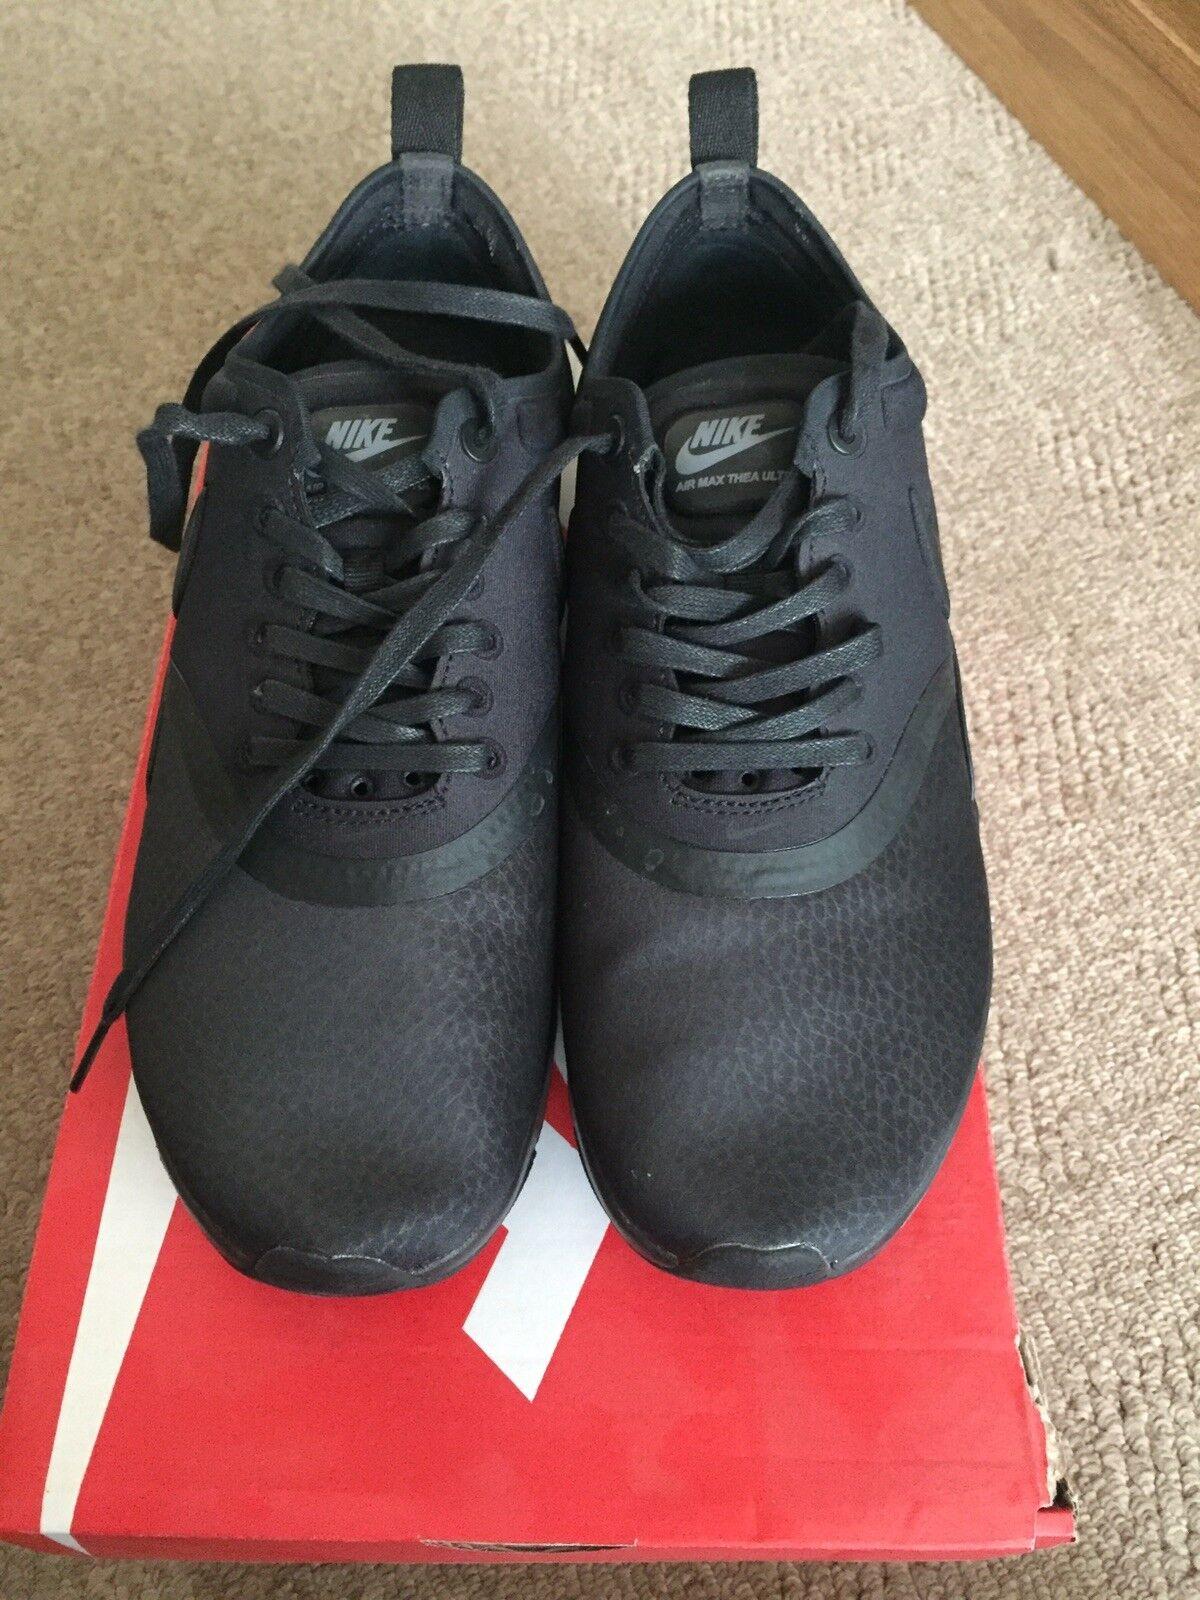 Nike Max Max Max Thea PRM. Hermoso Air x Potente. Cuero. le. tamaño 6 40 Negro. d2e147